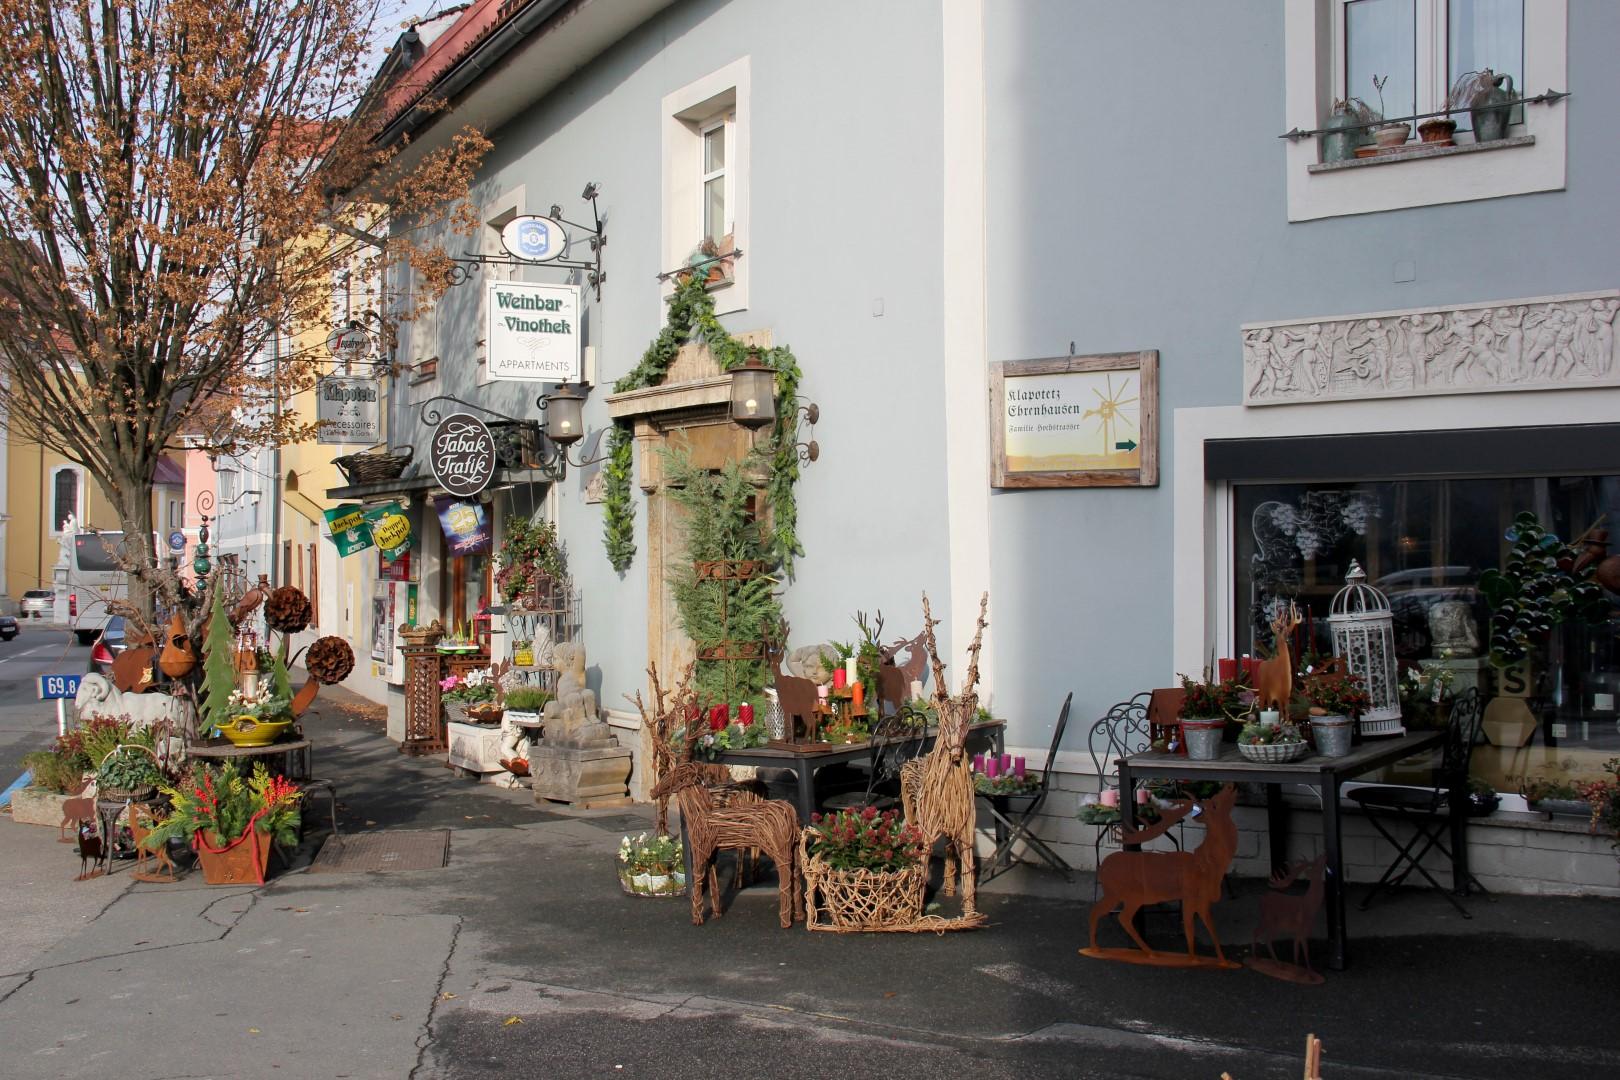 Klapotetz im Advent – Hochstrasser in Ehrenhausen a.d.W.